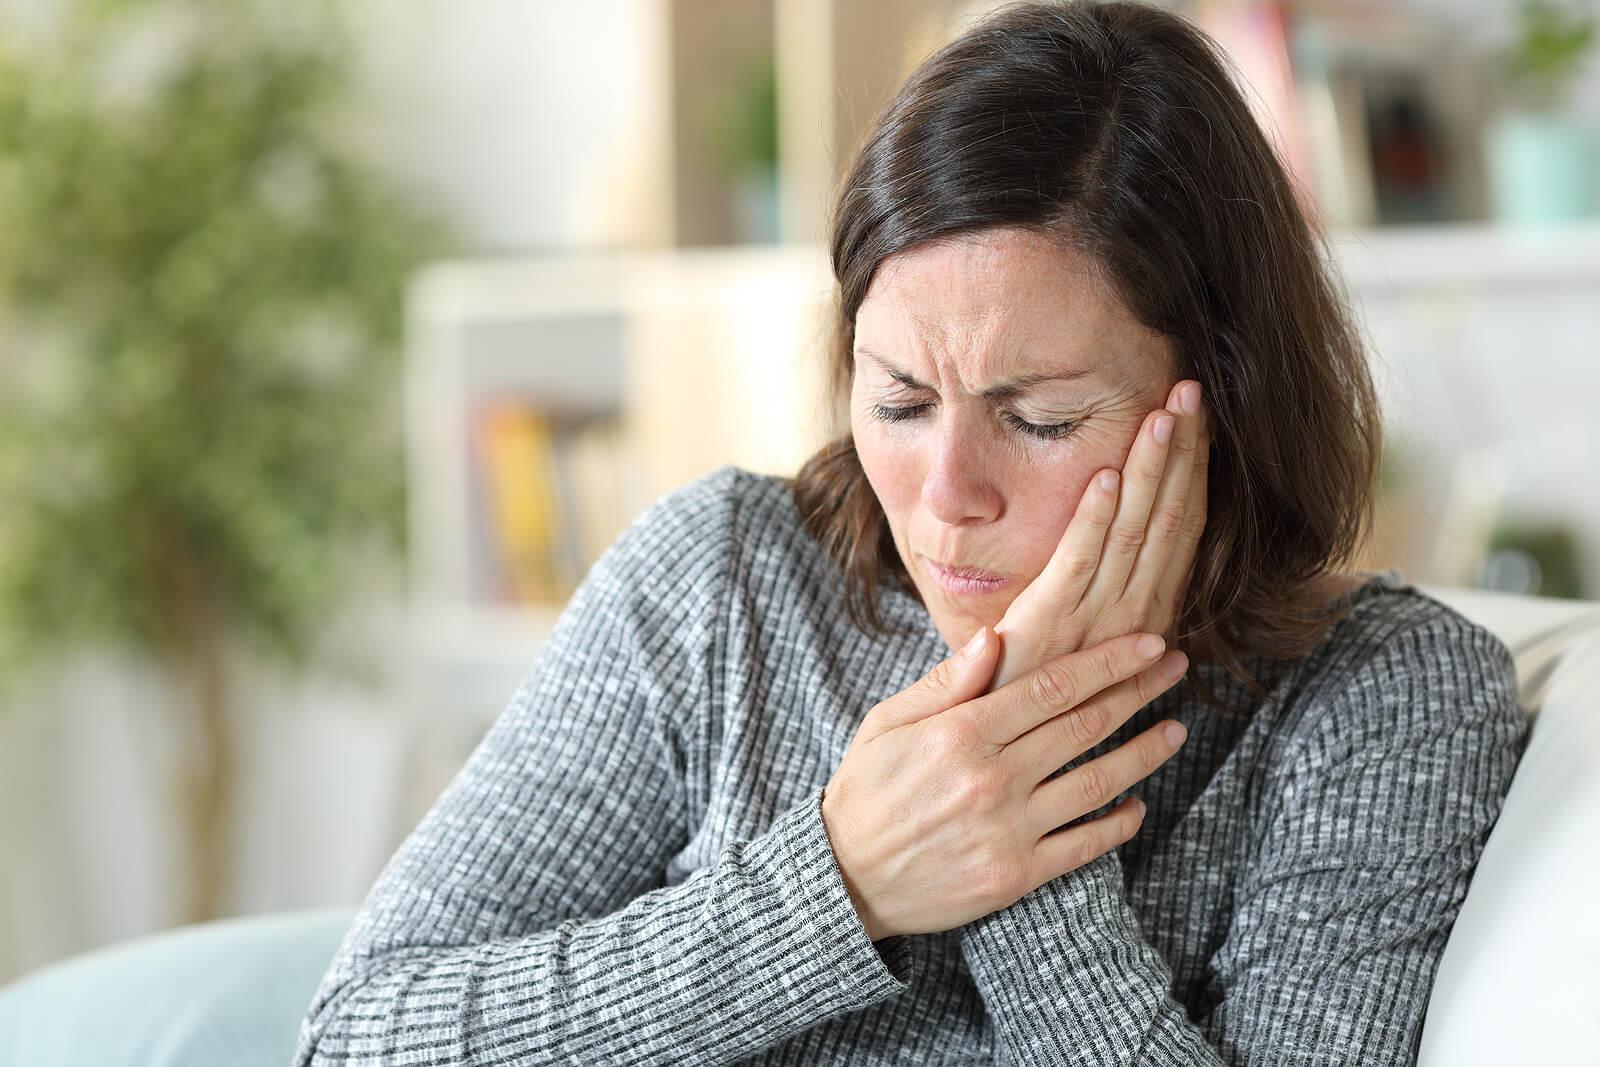 Mujer sentada con dolor mandibular.